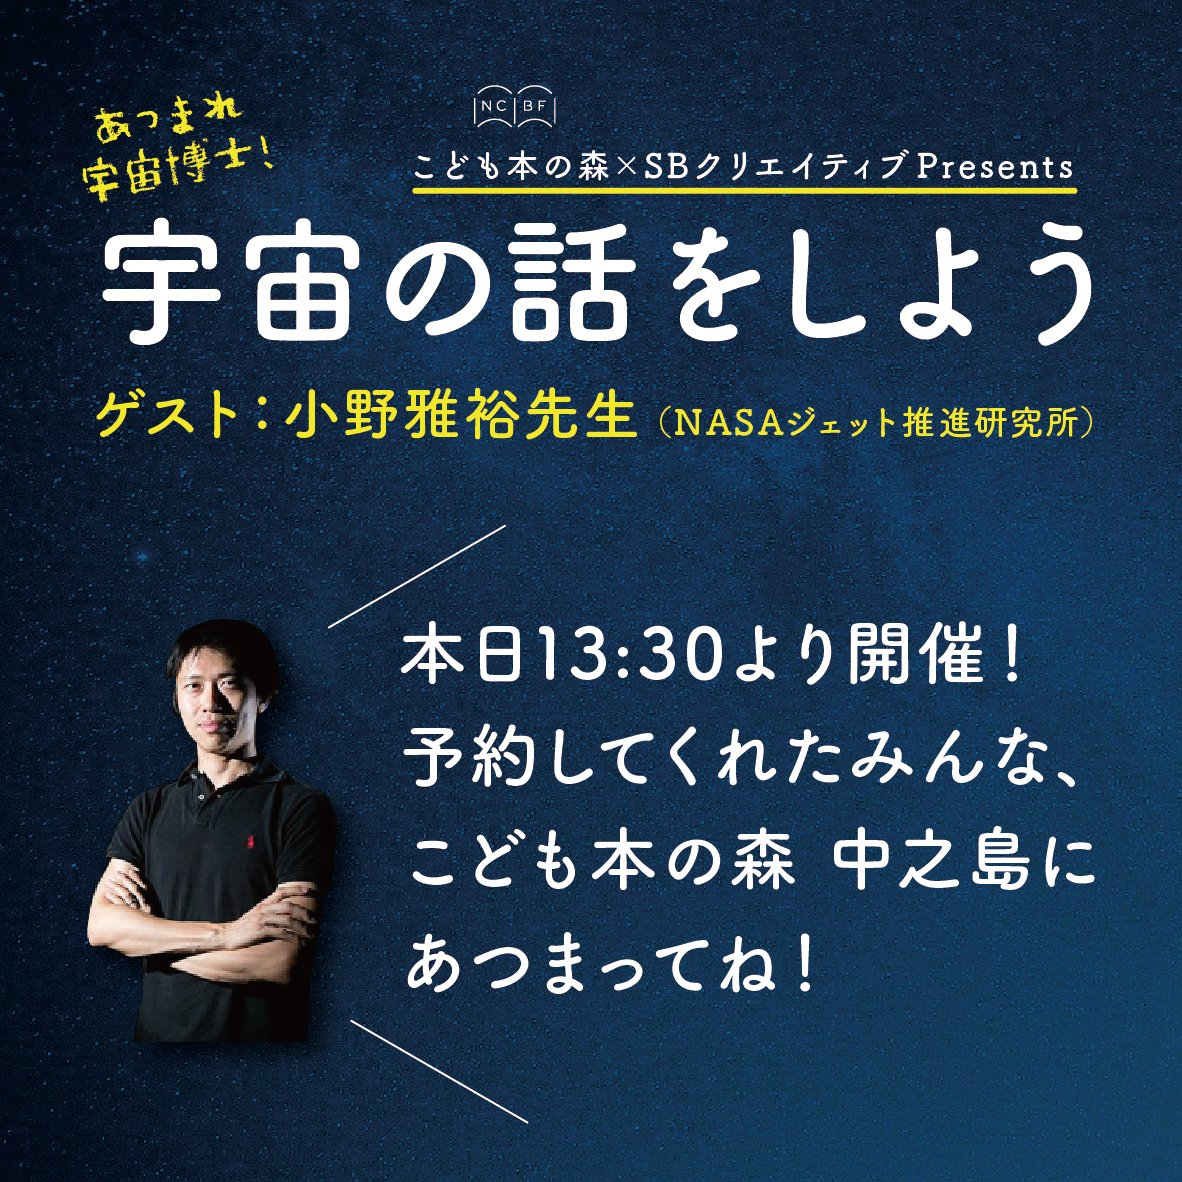 本日開催されるイベント前に、こども本の森 中之島や来てみたら、エントランスに小野さん@masahiro_ono の #宇宙の話をしよう がお出迎えしてくれてました🌌  #宇宙メルマガ